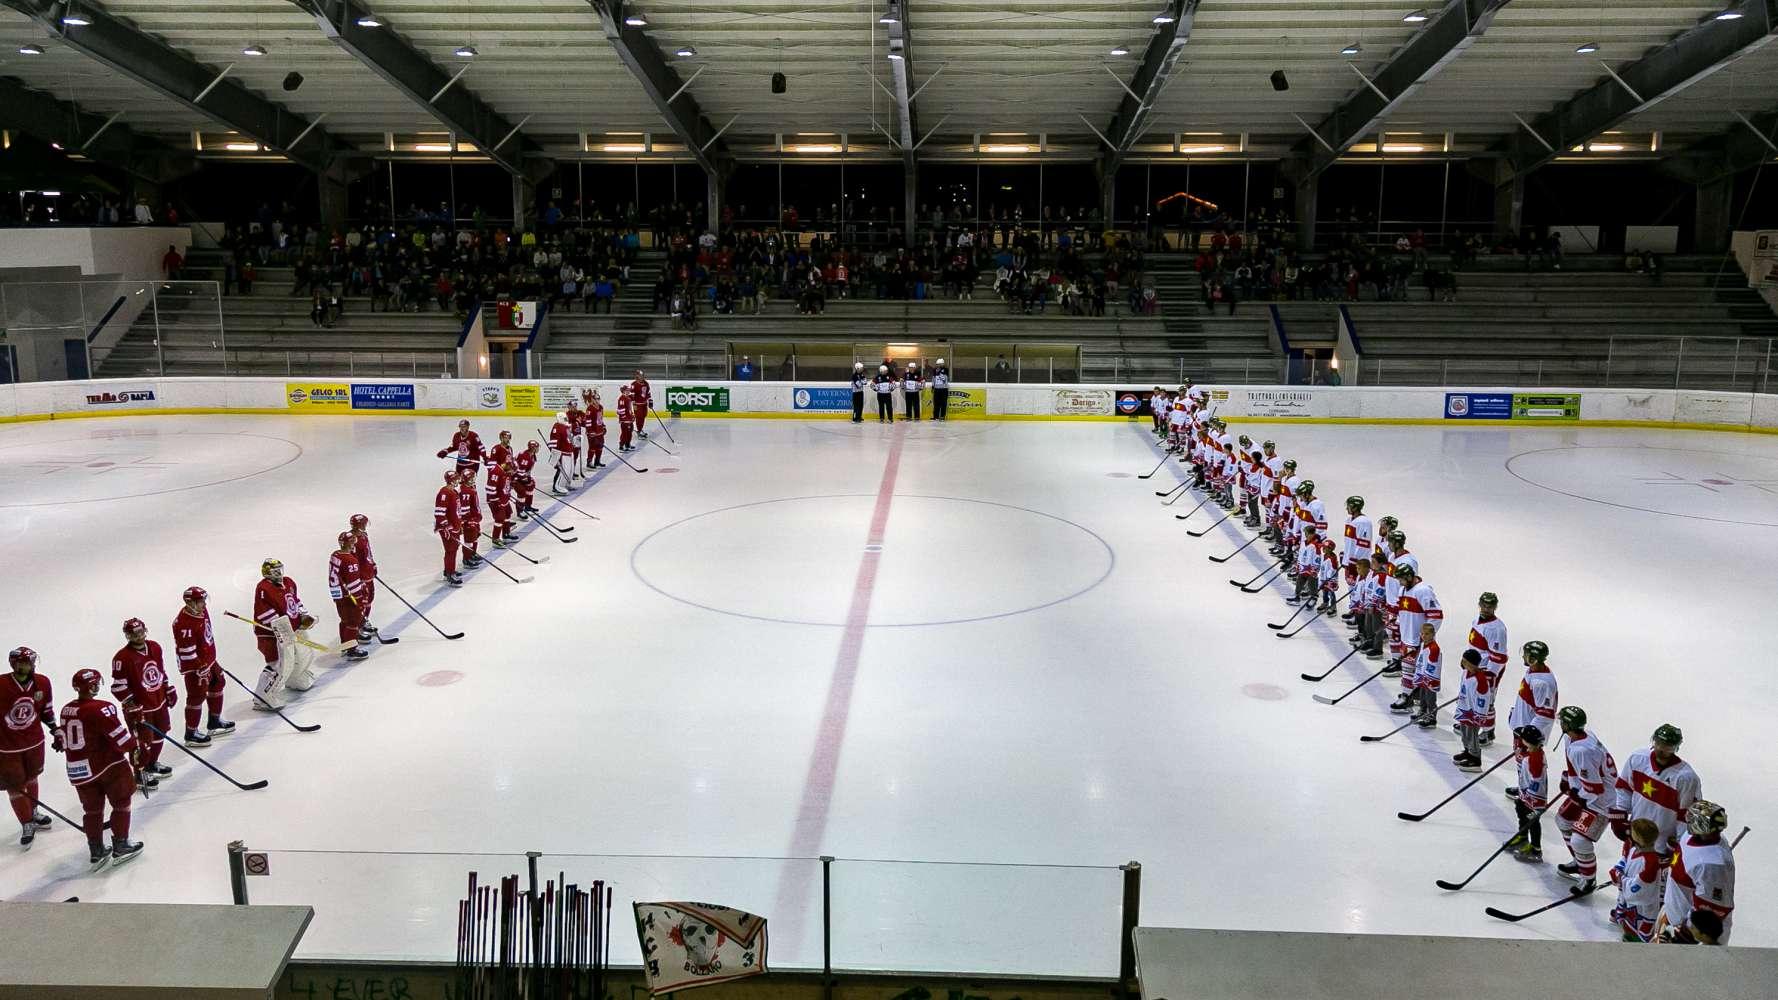 ince le gran hockey tl program dl ist u00e9